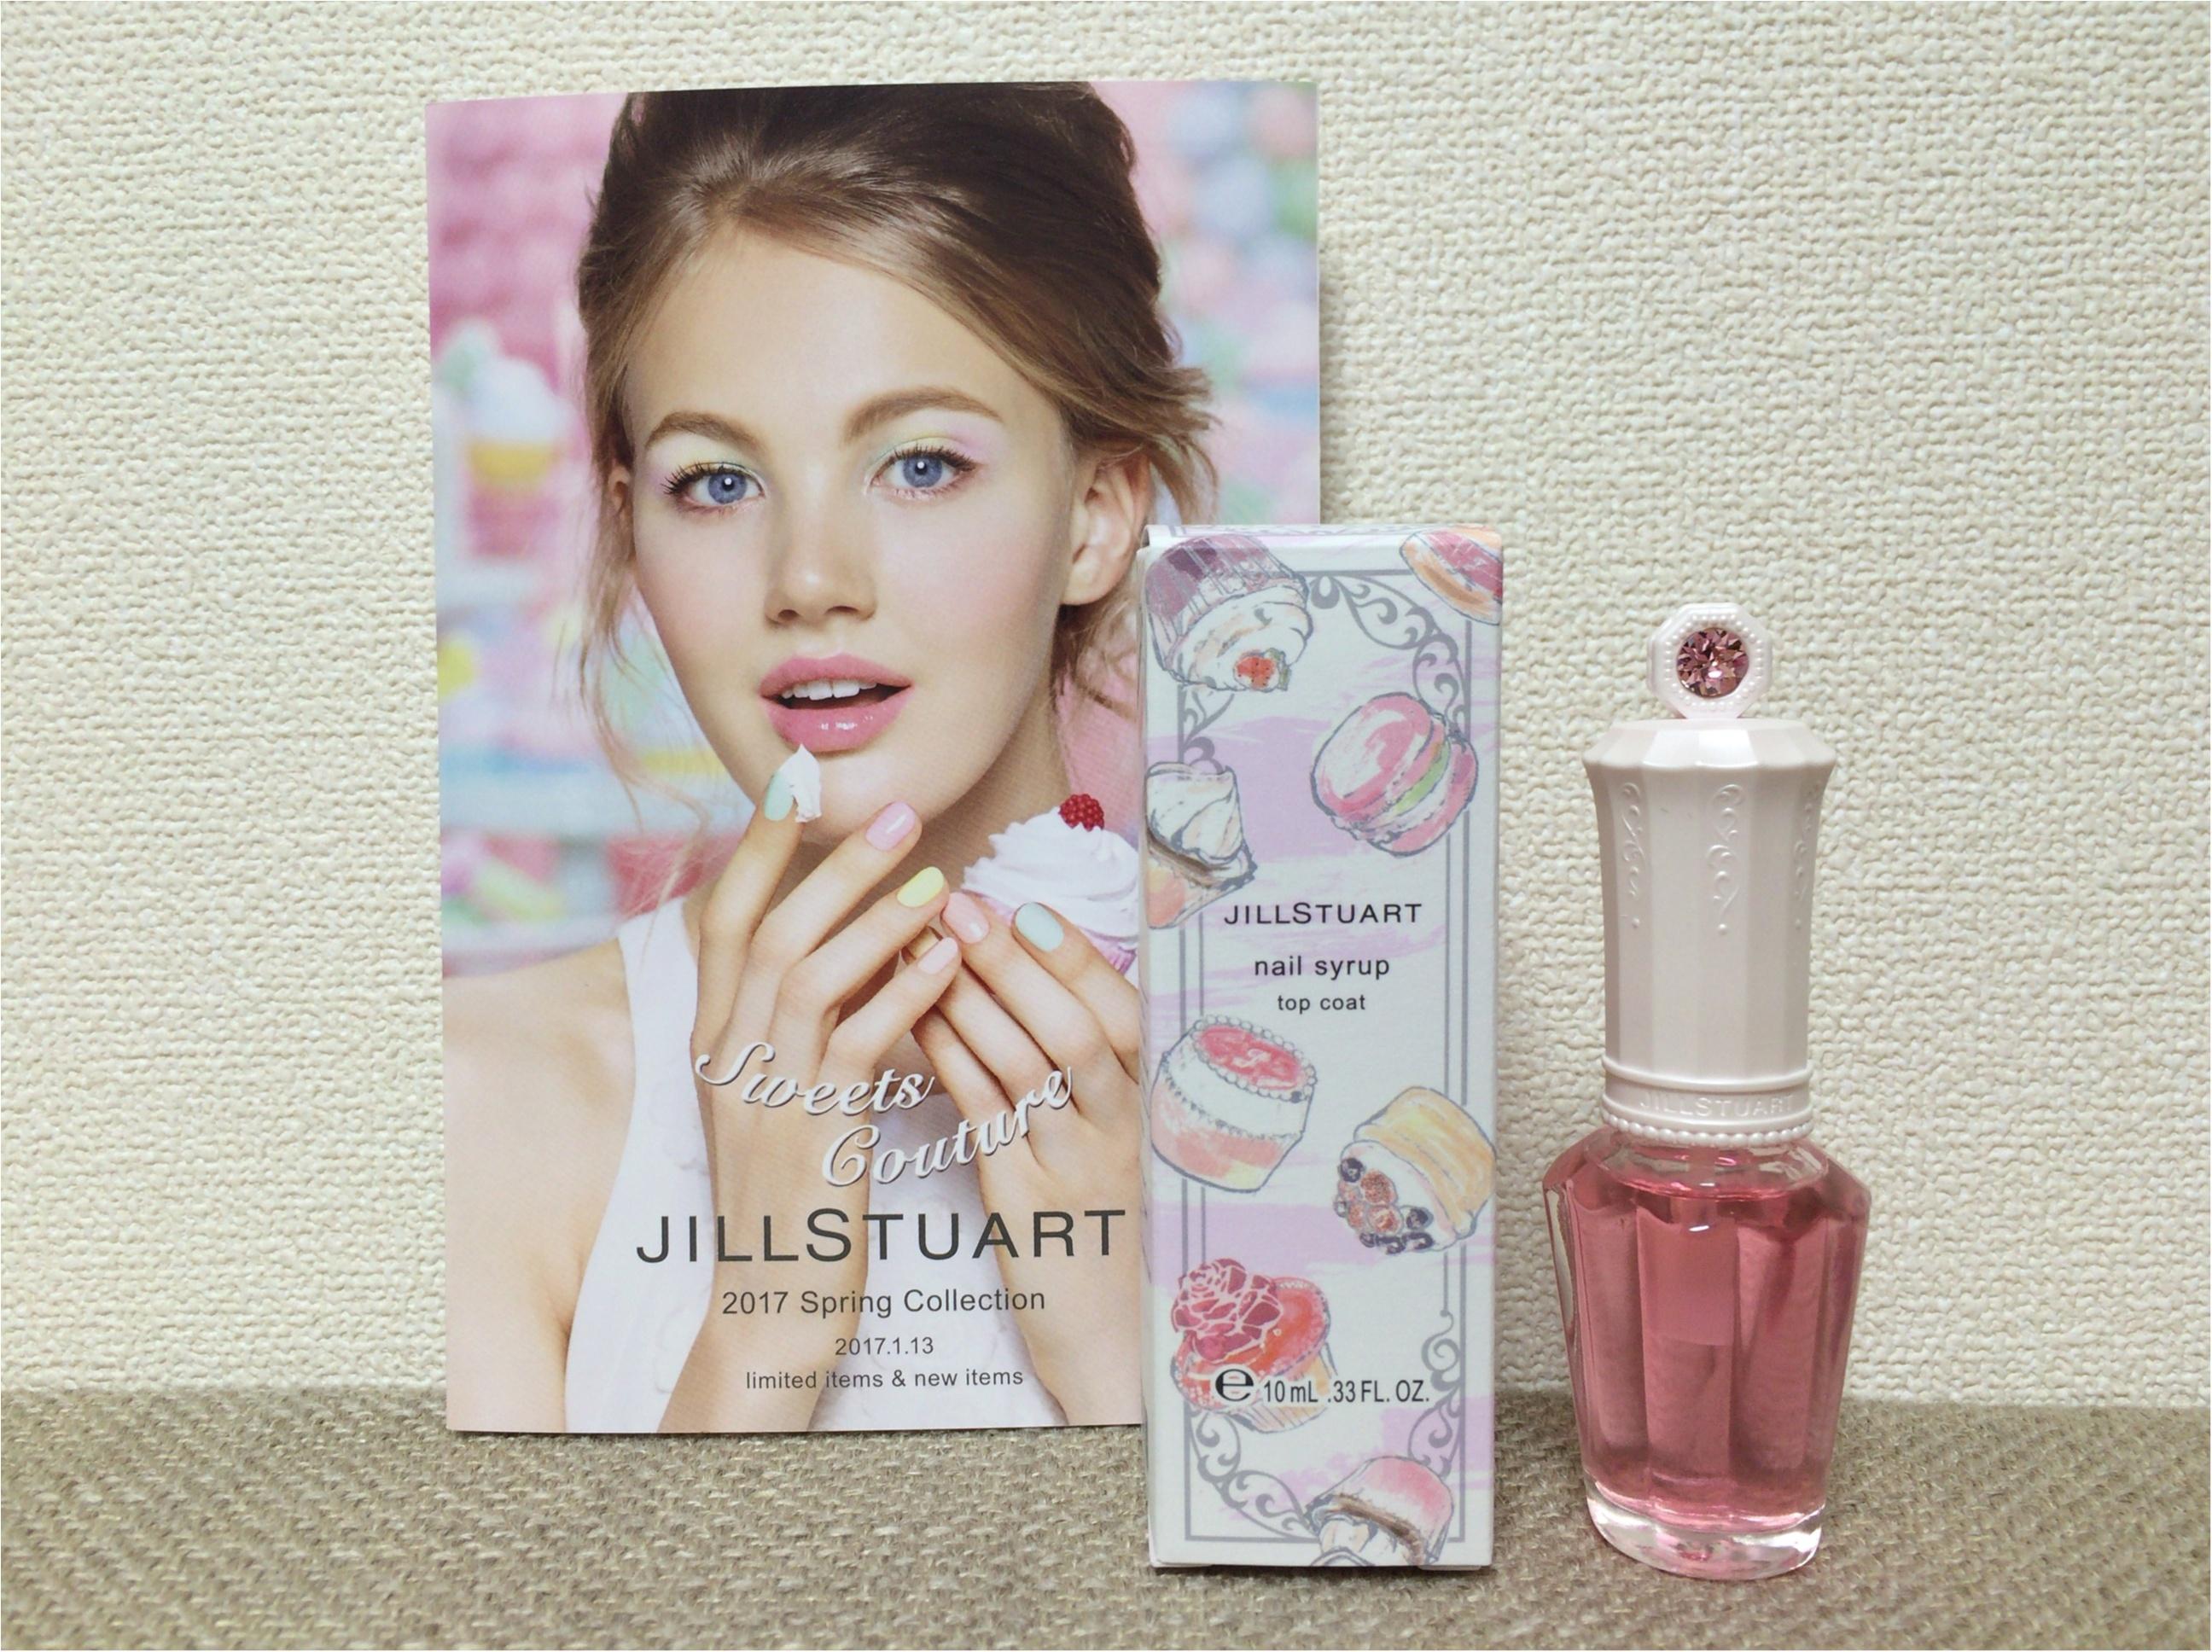 【ジル春コレ】まるで、ストロベリーシロップ♡なピンクが可愛すぎ!限定《トップコート》_1